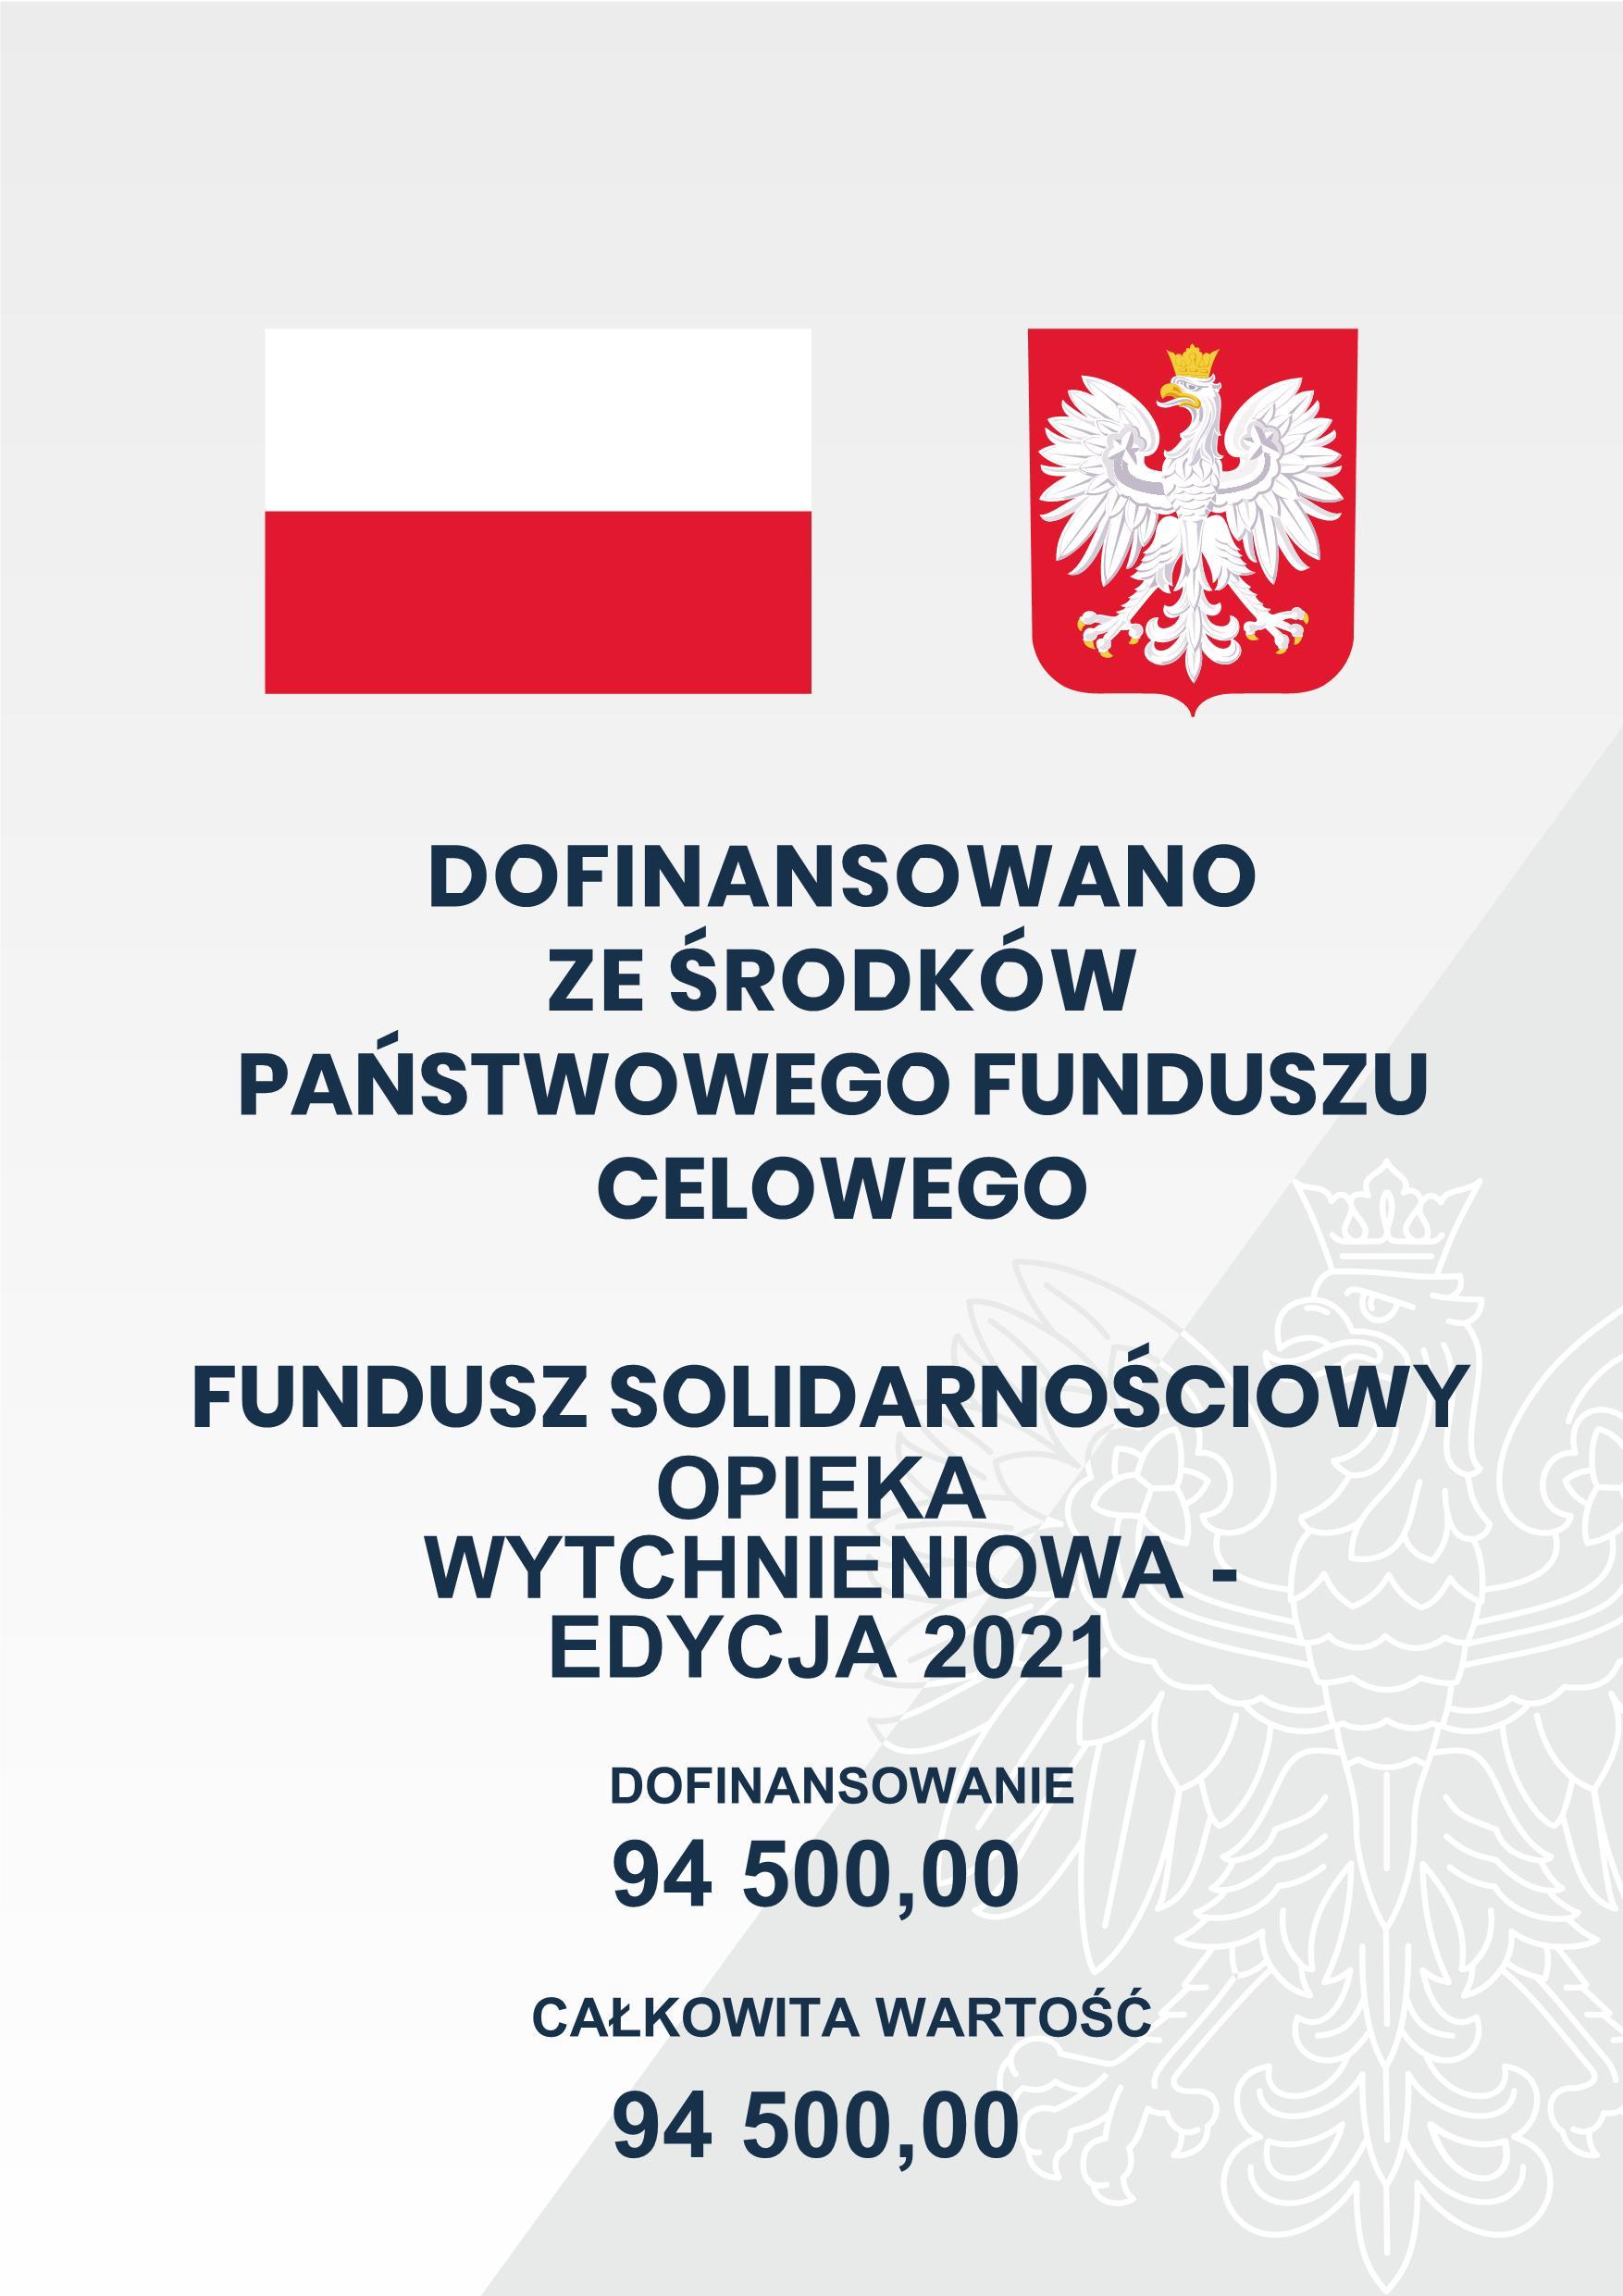 Plakat informujący o dofinansowaniu